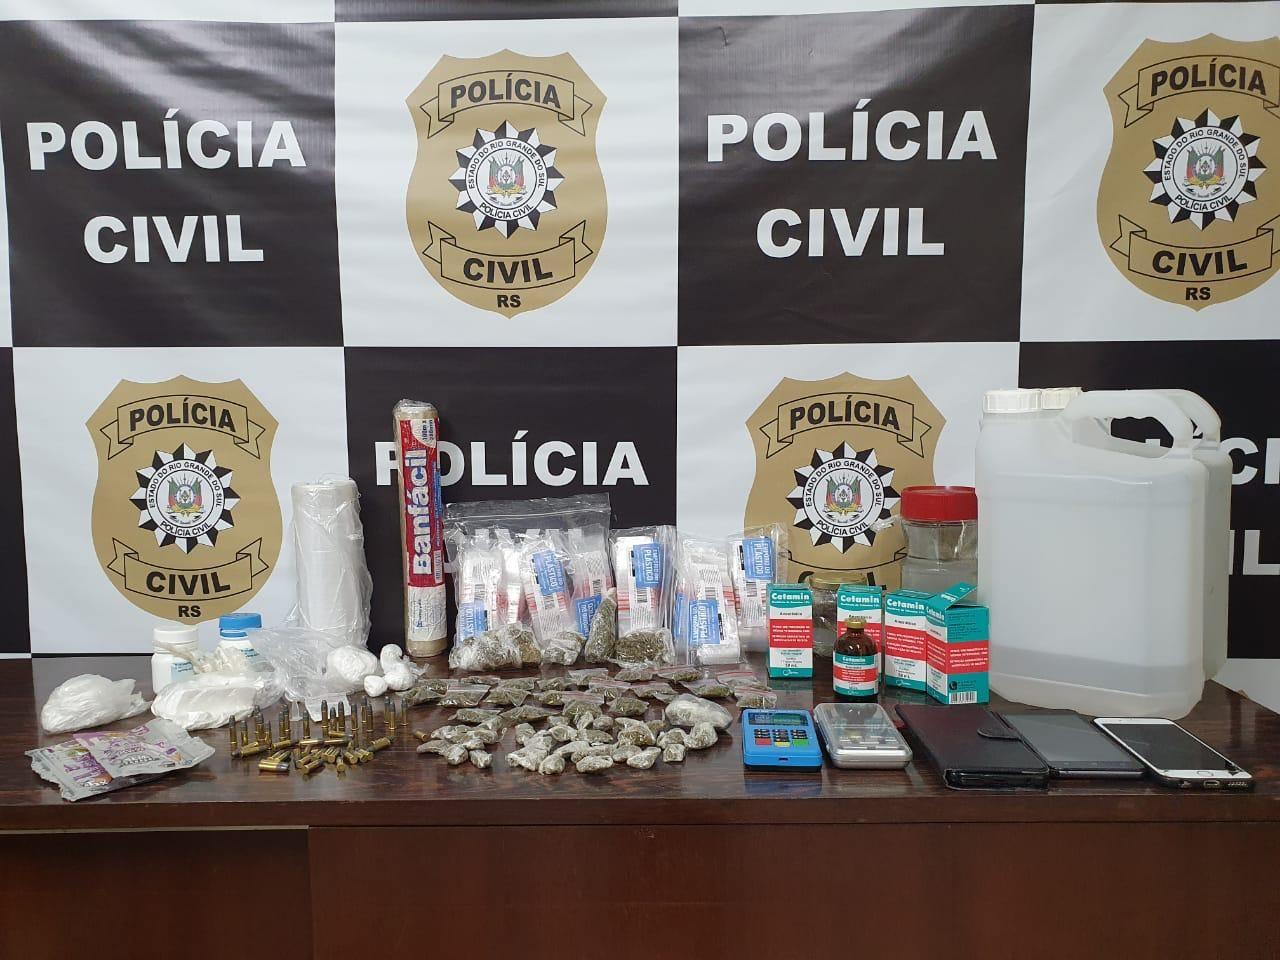 Vereador licenciado é preso por suspeita de envolvimento com tráfico de drogas em Esteio